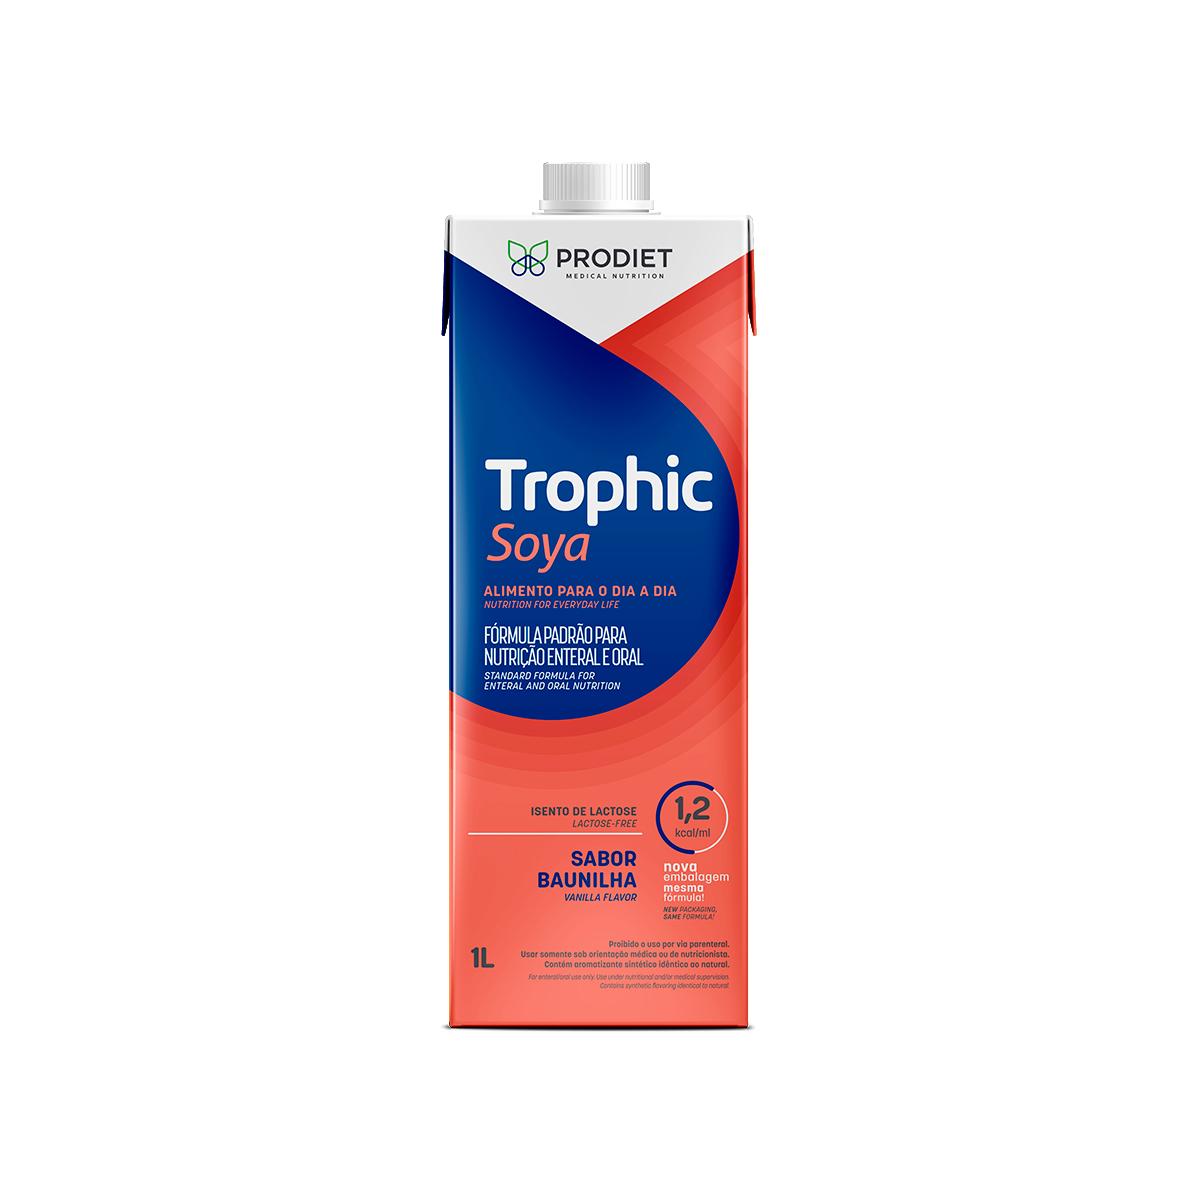 TROPHIC SOYA 1.2 1000ML (KIT COM 12 UNDS) - PRODIET